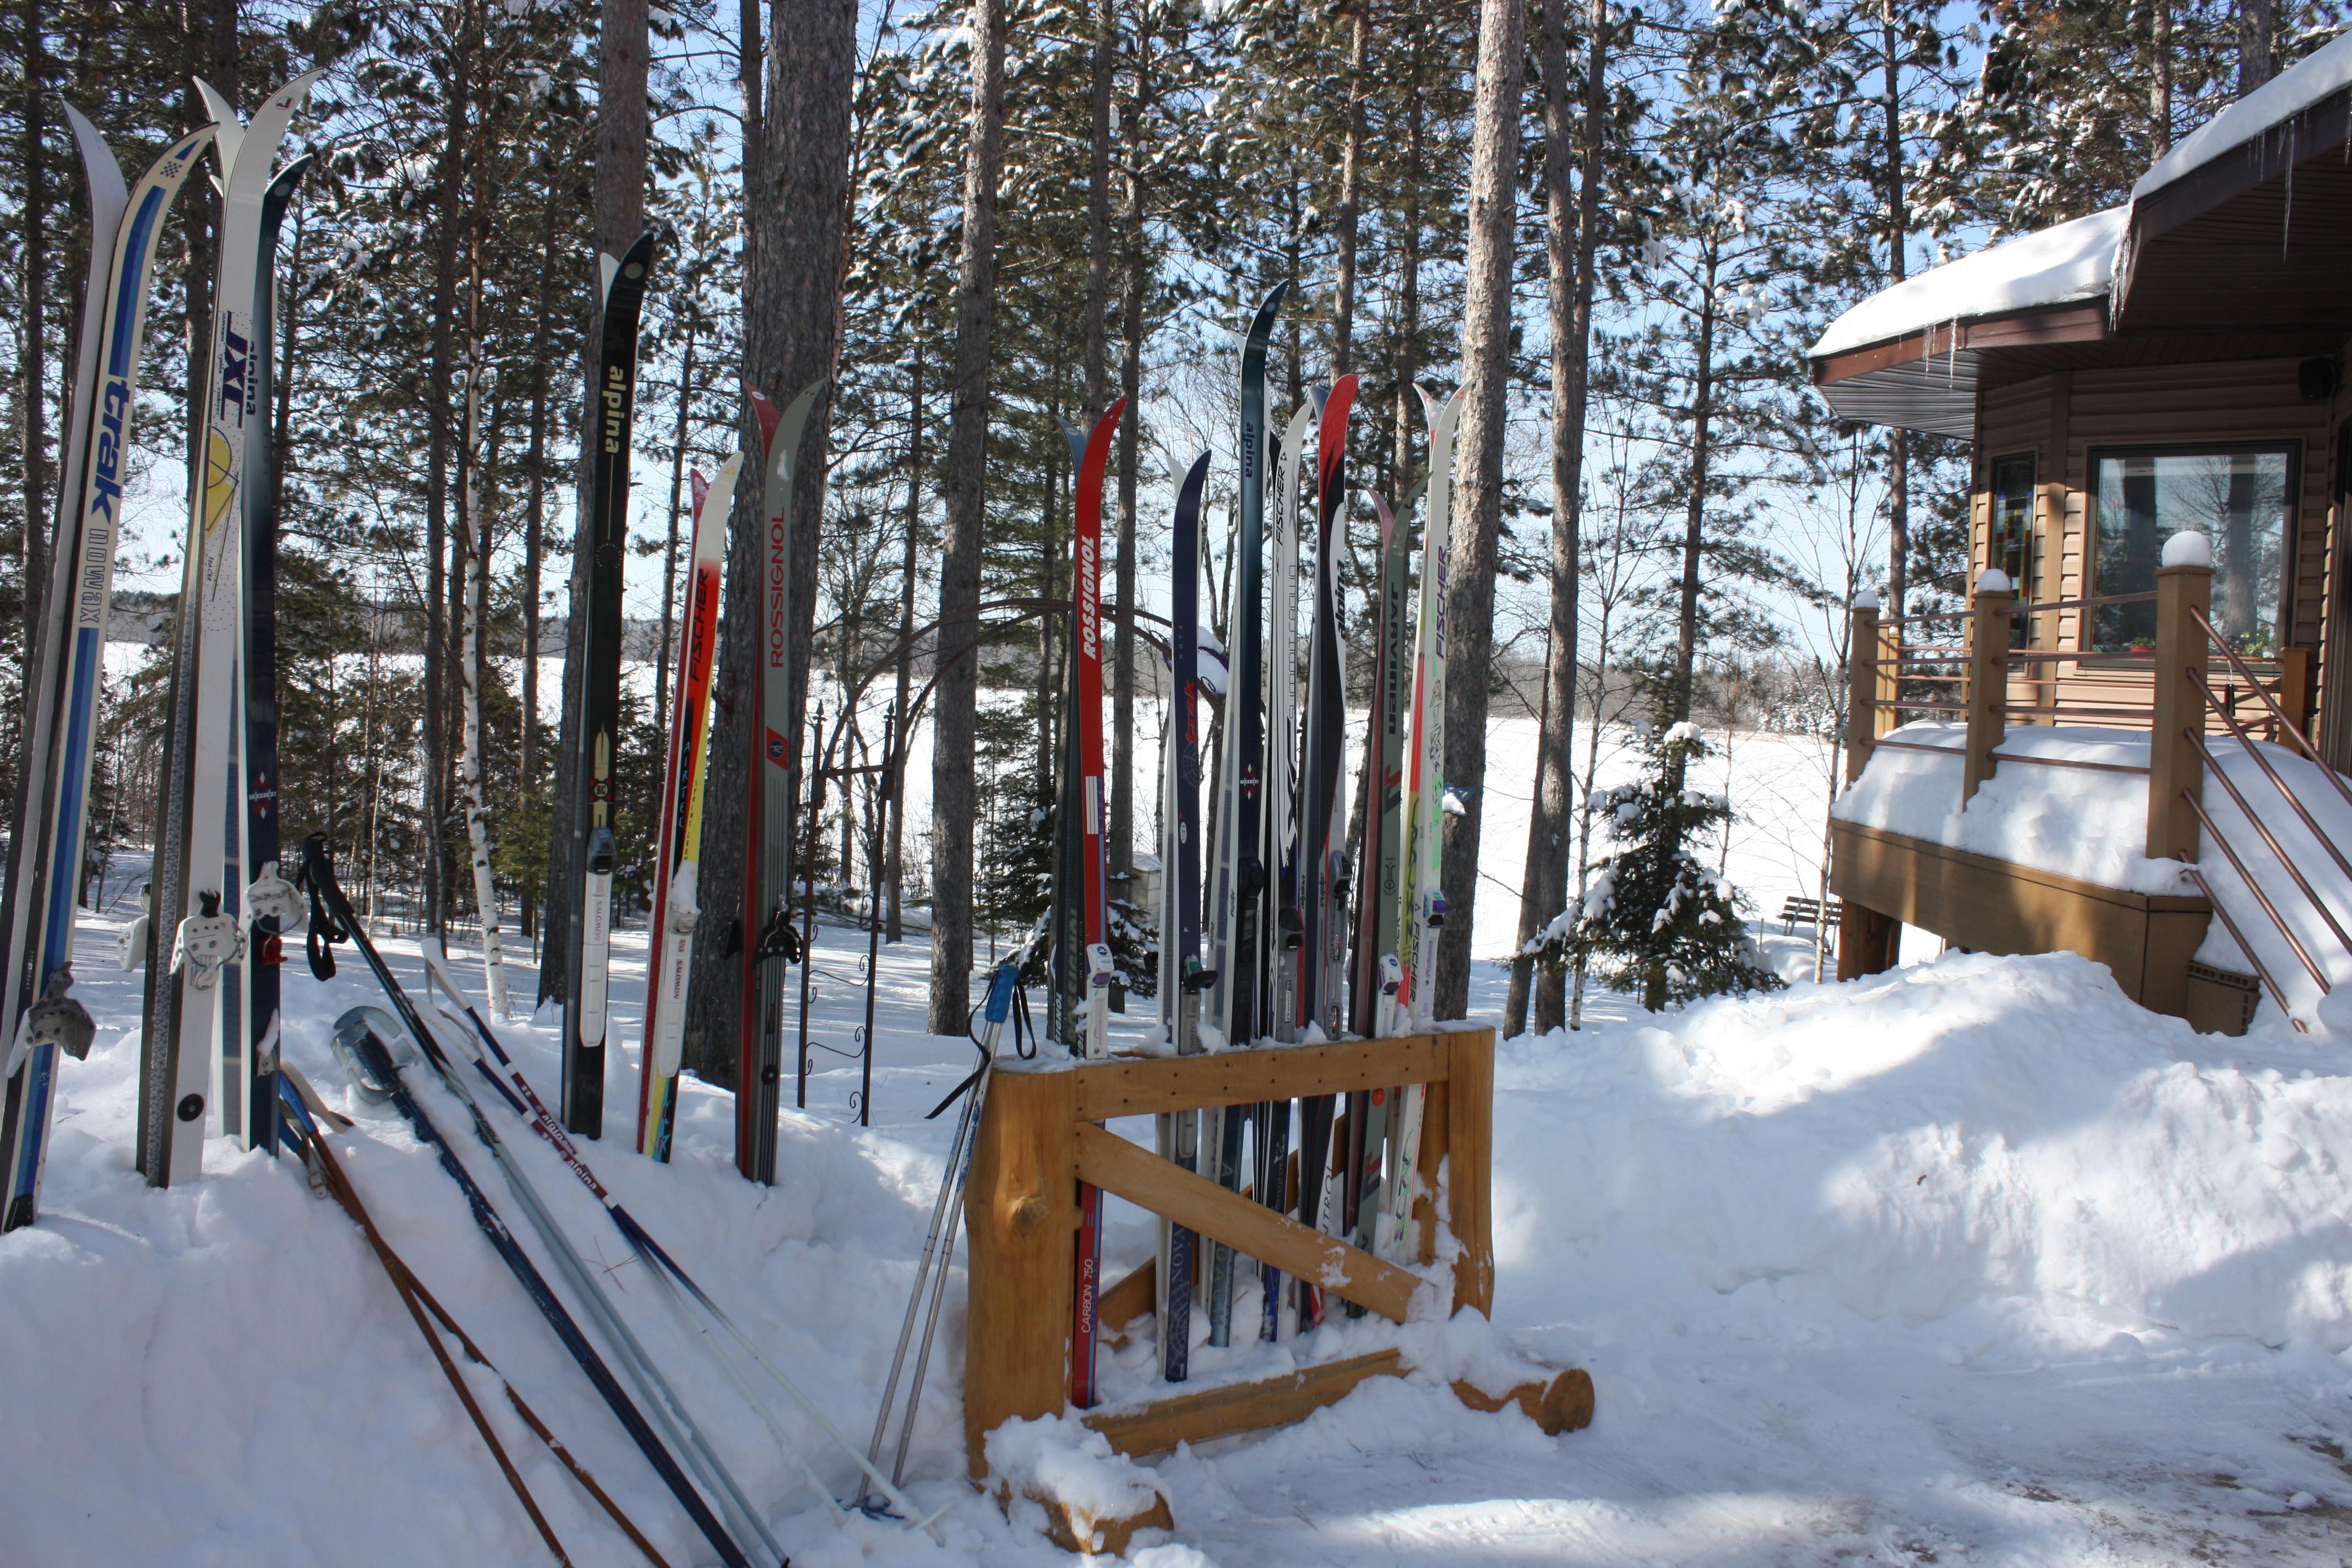 My  lake home ski trails